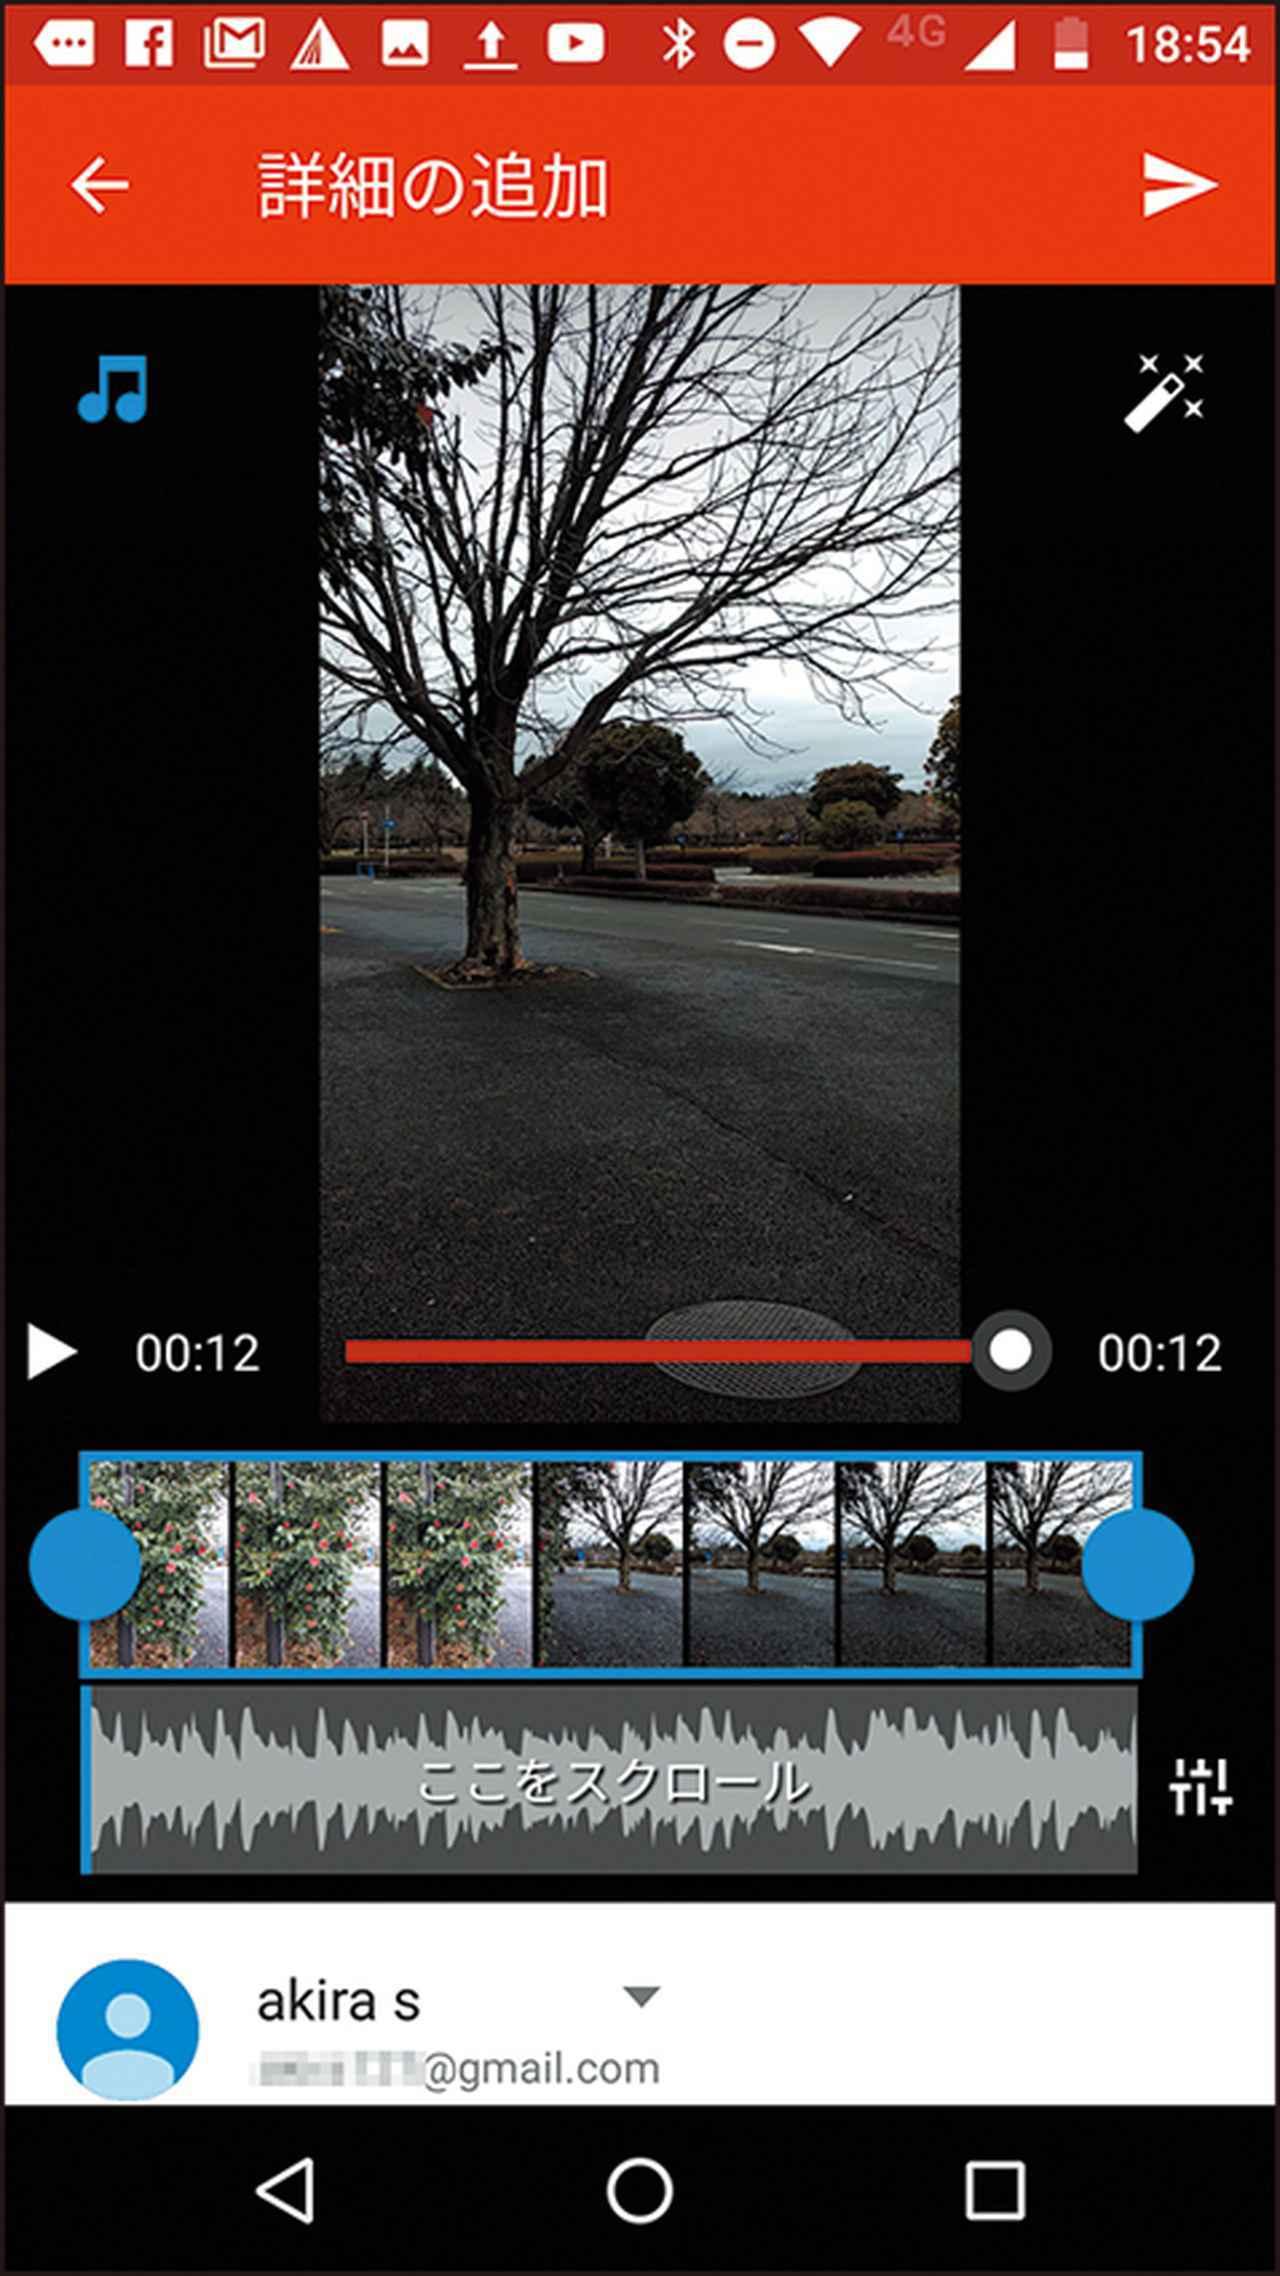 画像: 動画の前後をカットしたり、音楽や効果を付けたりすることもできる。右上の三角矢印をタップして投稿する。